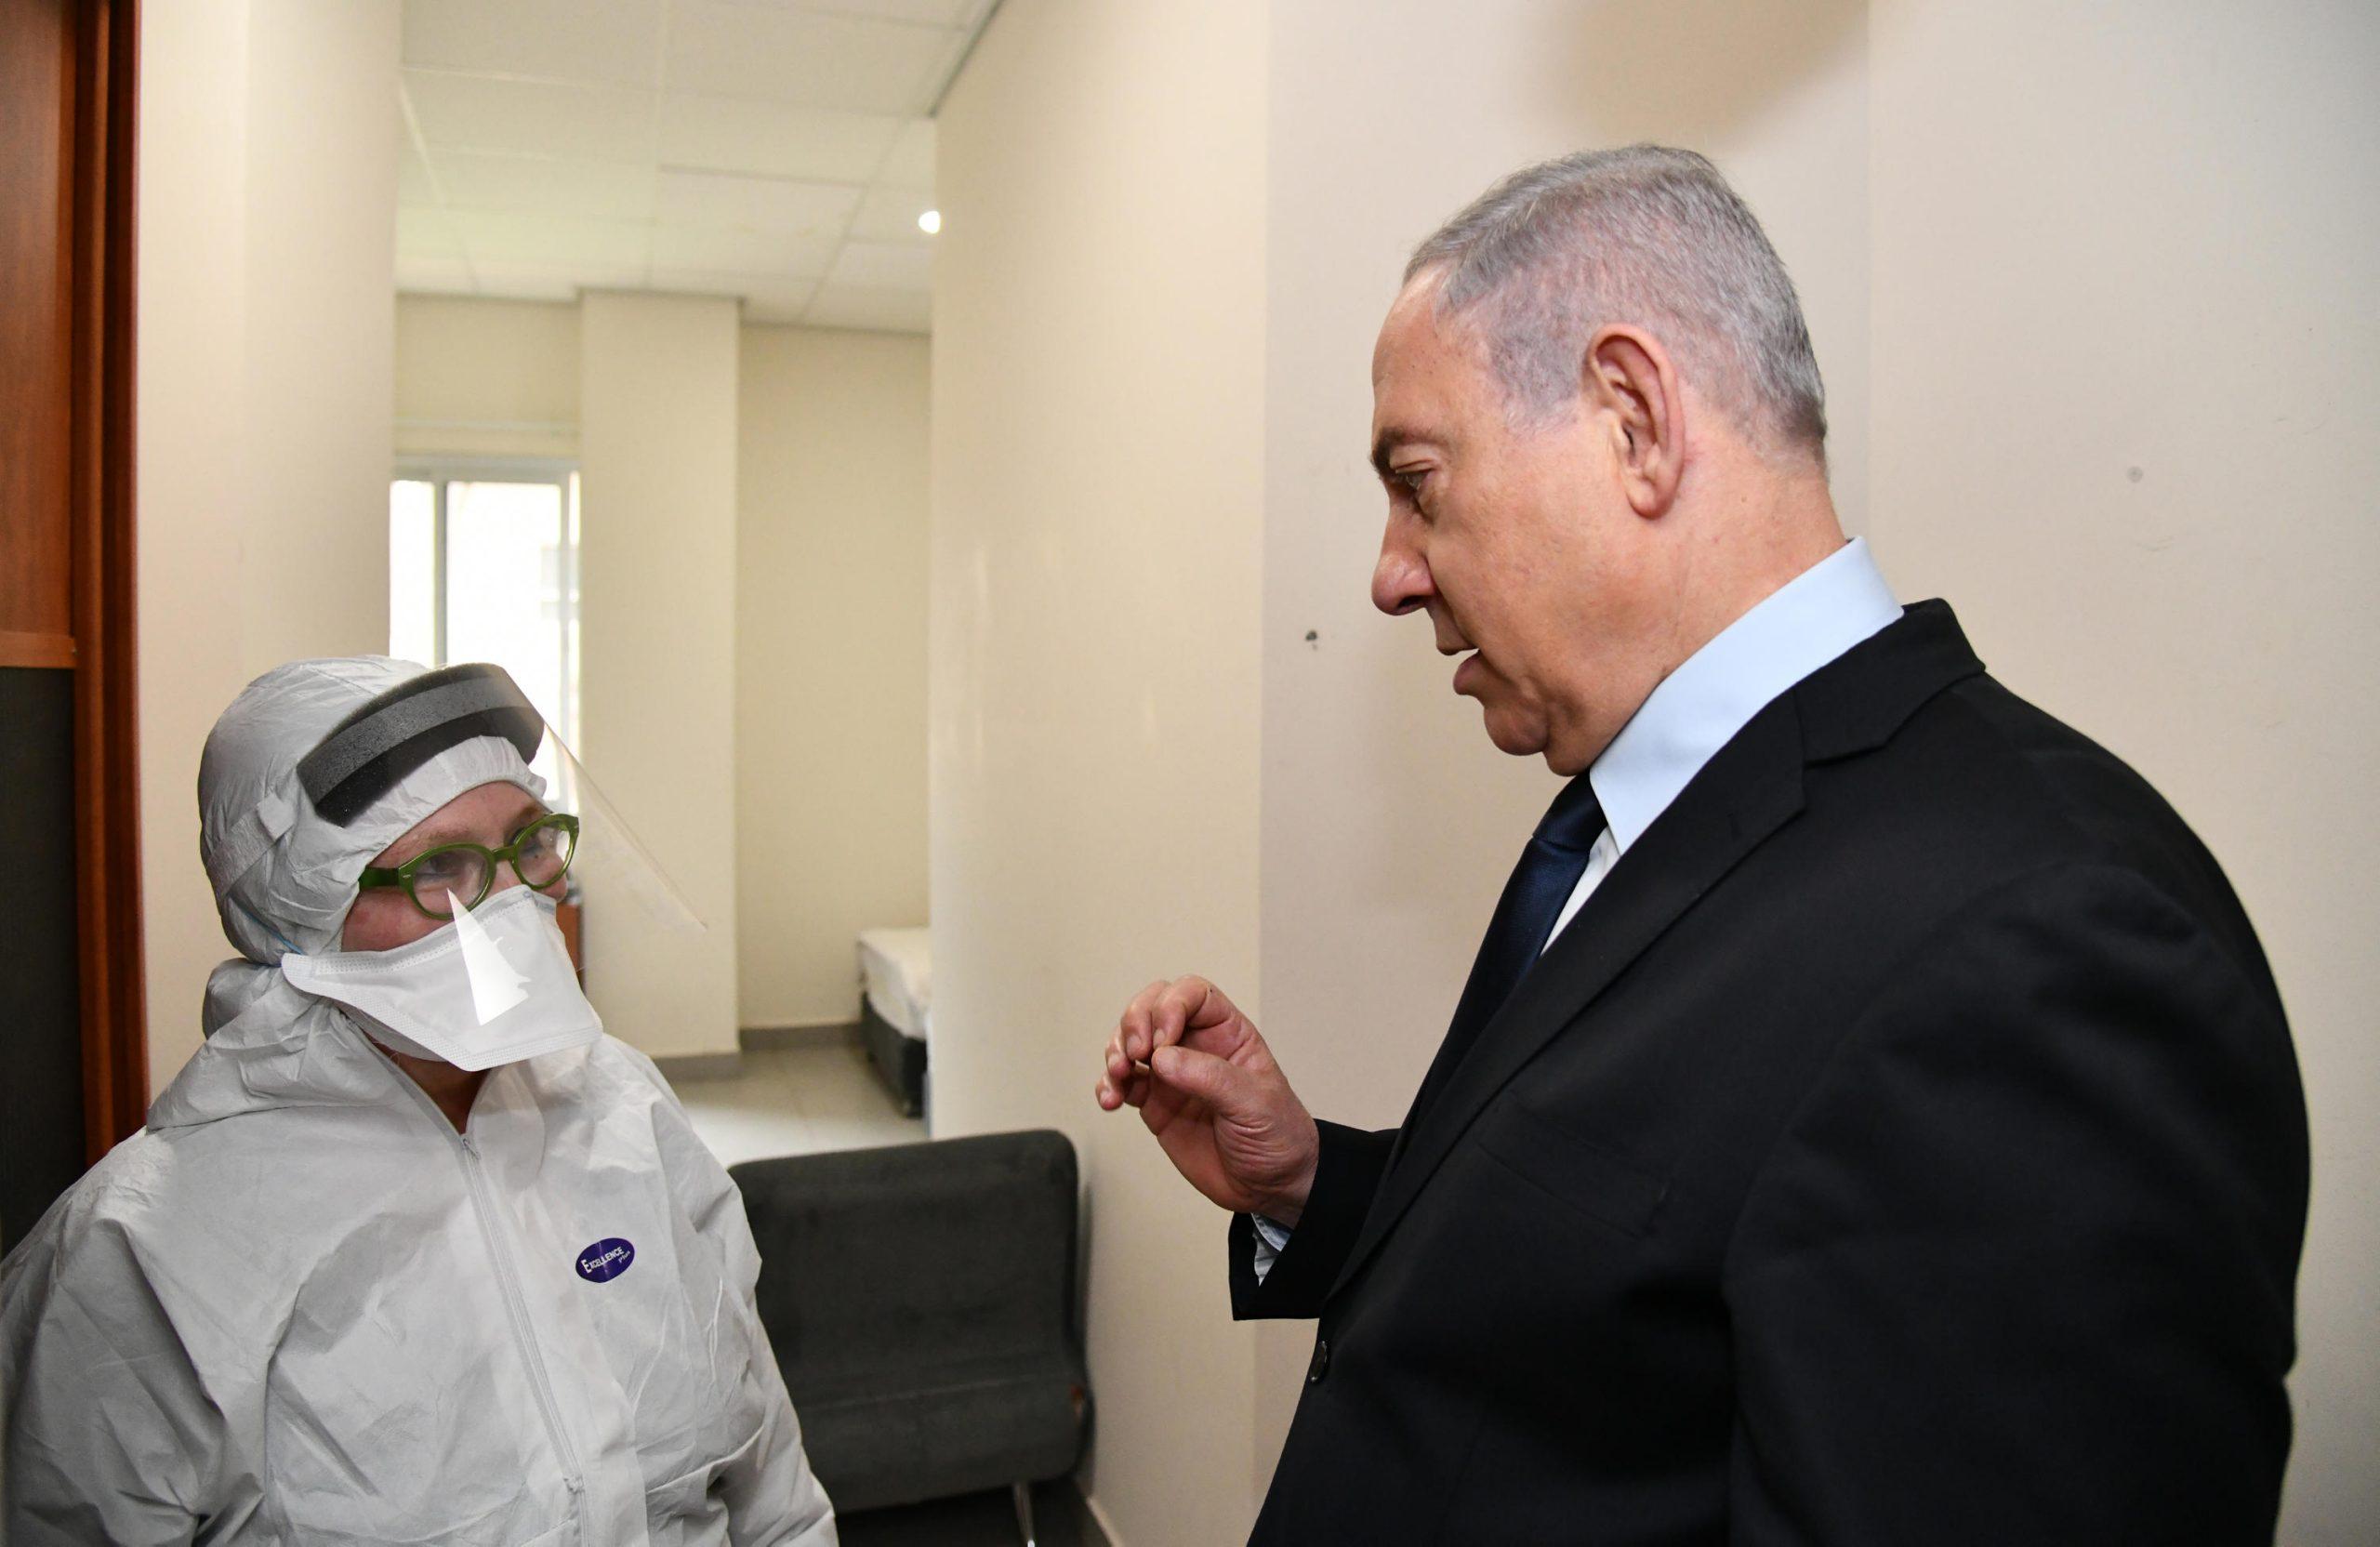 數字化,綠色通行證和提供給輝瑞公司的數據:以色列恢復秘密演習恢復正常的秘密